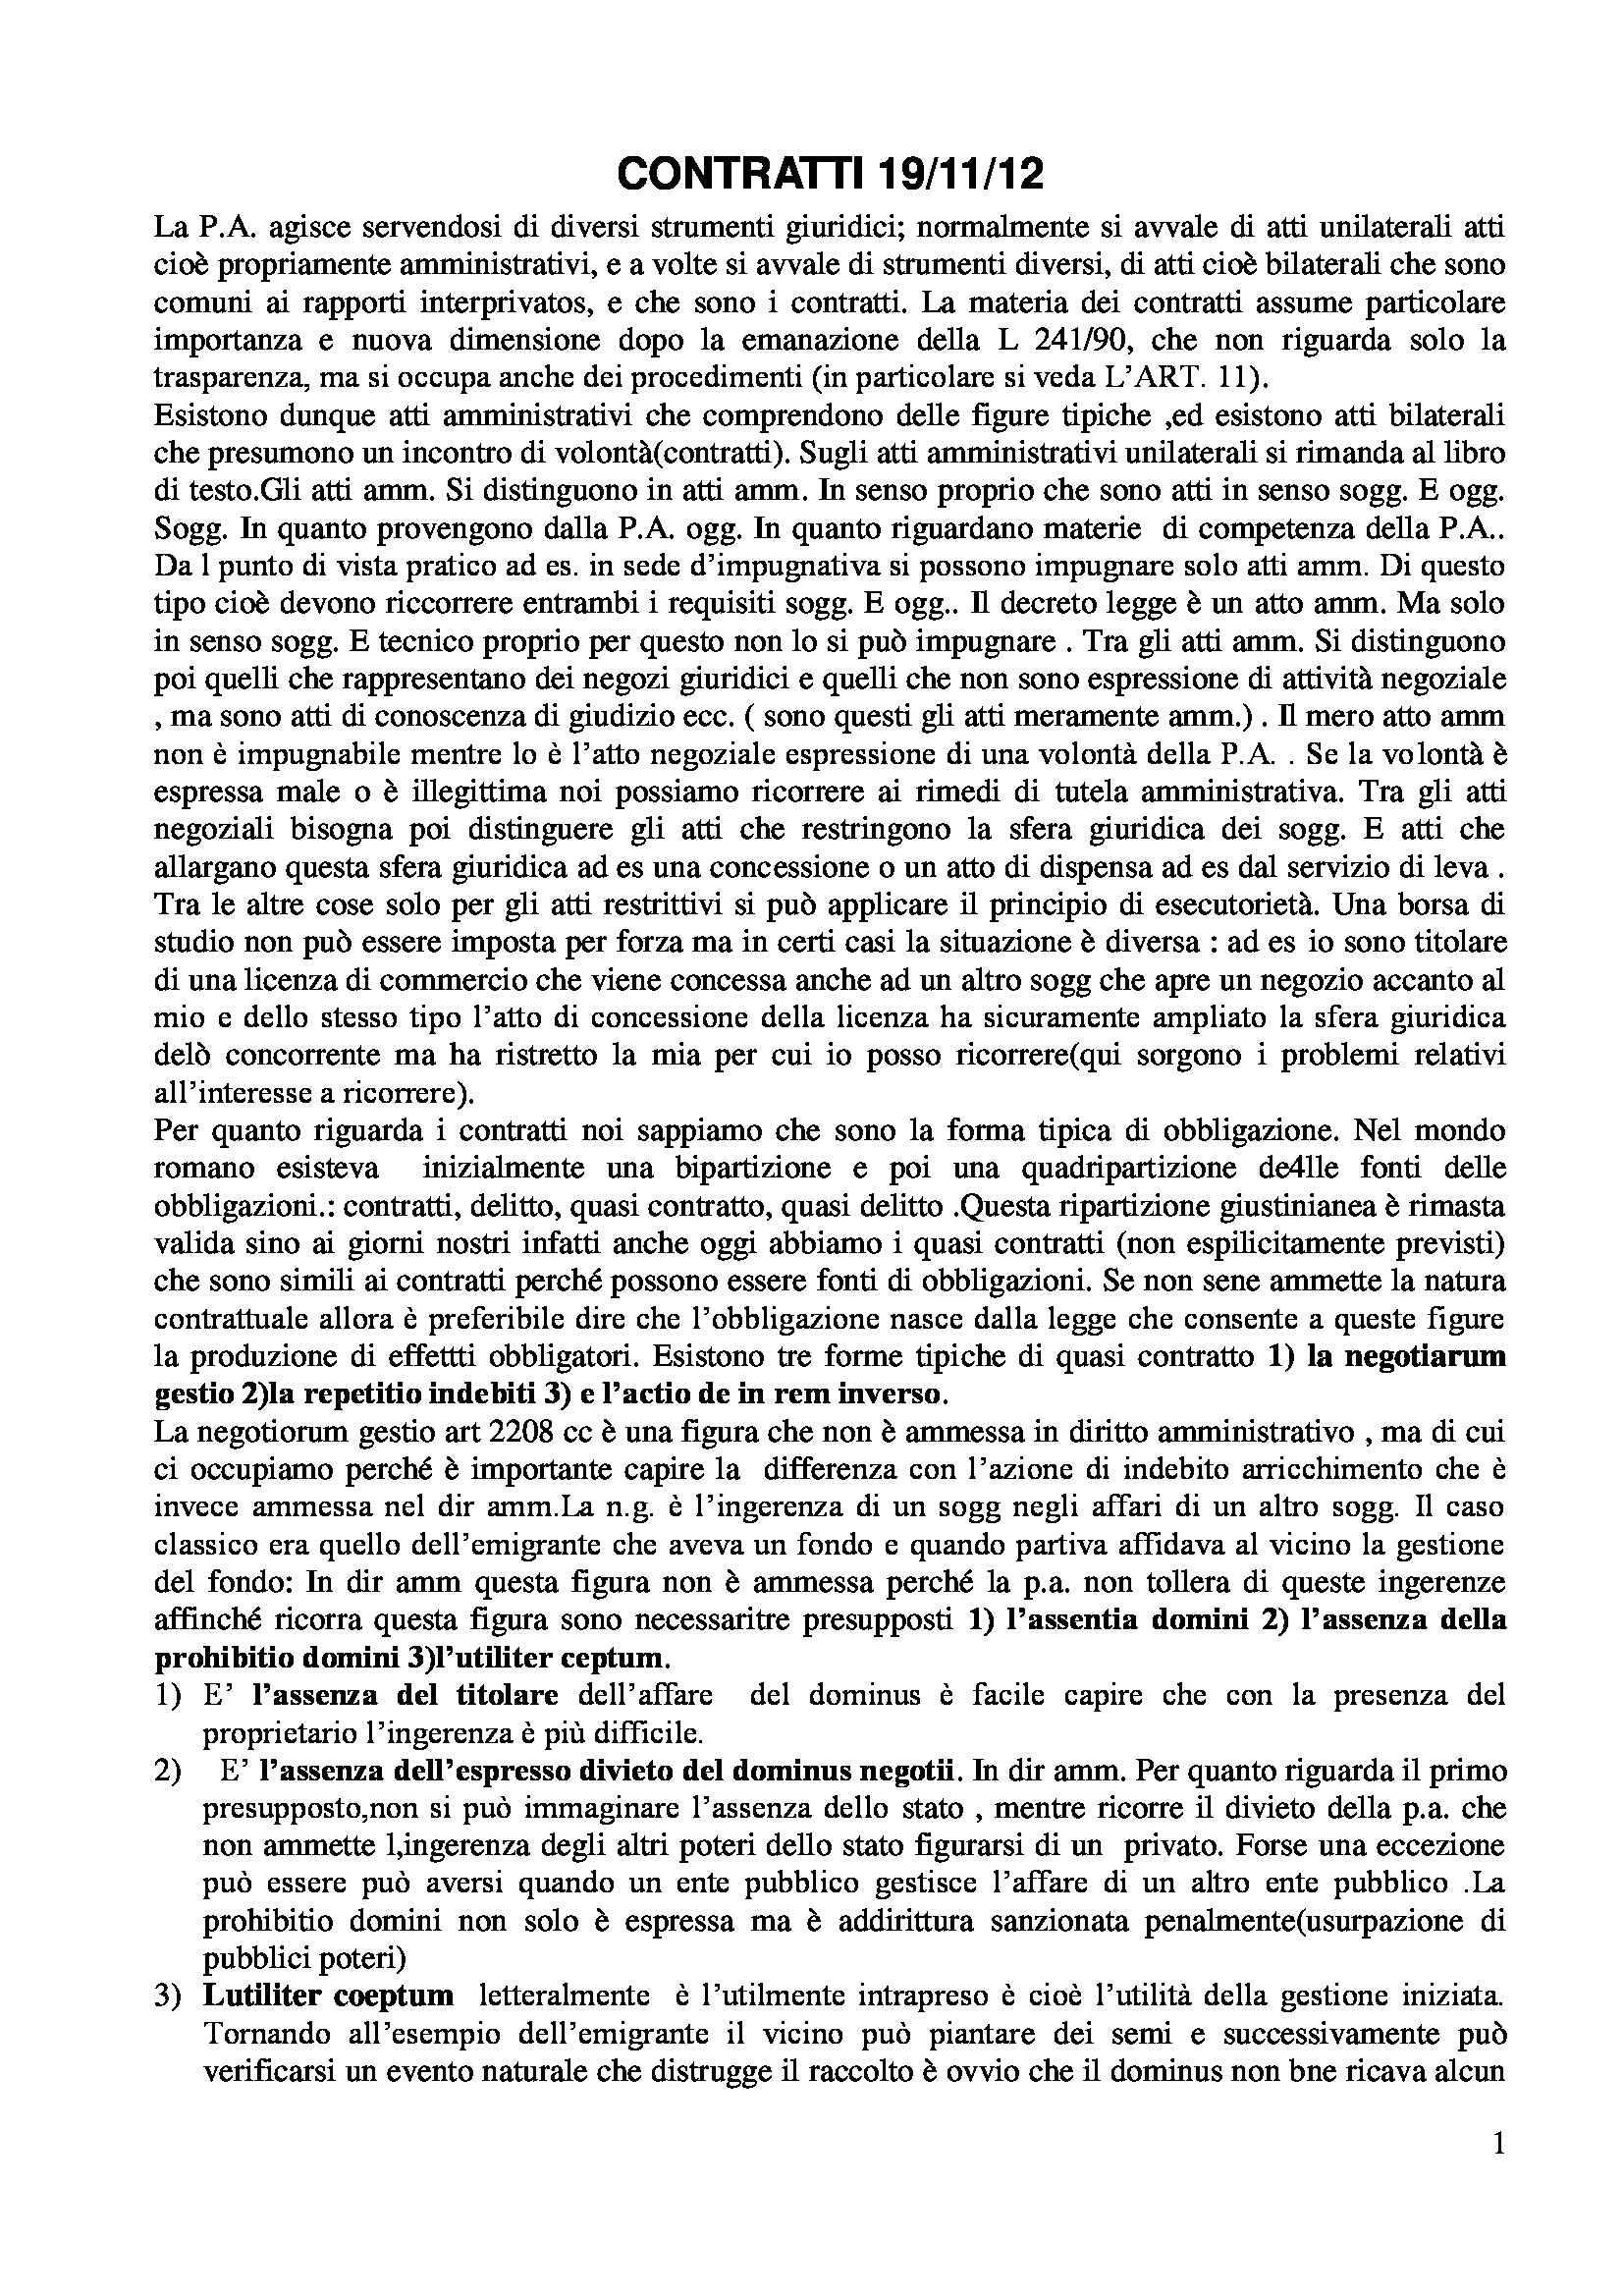 Diritto amministrativo - contratti